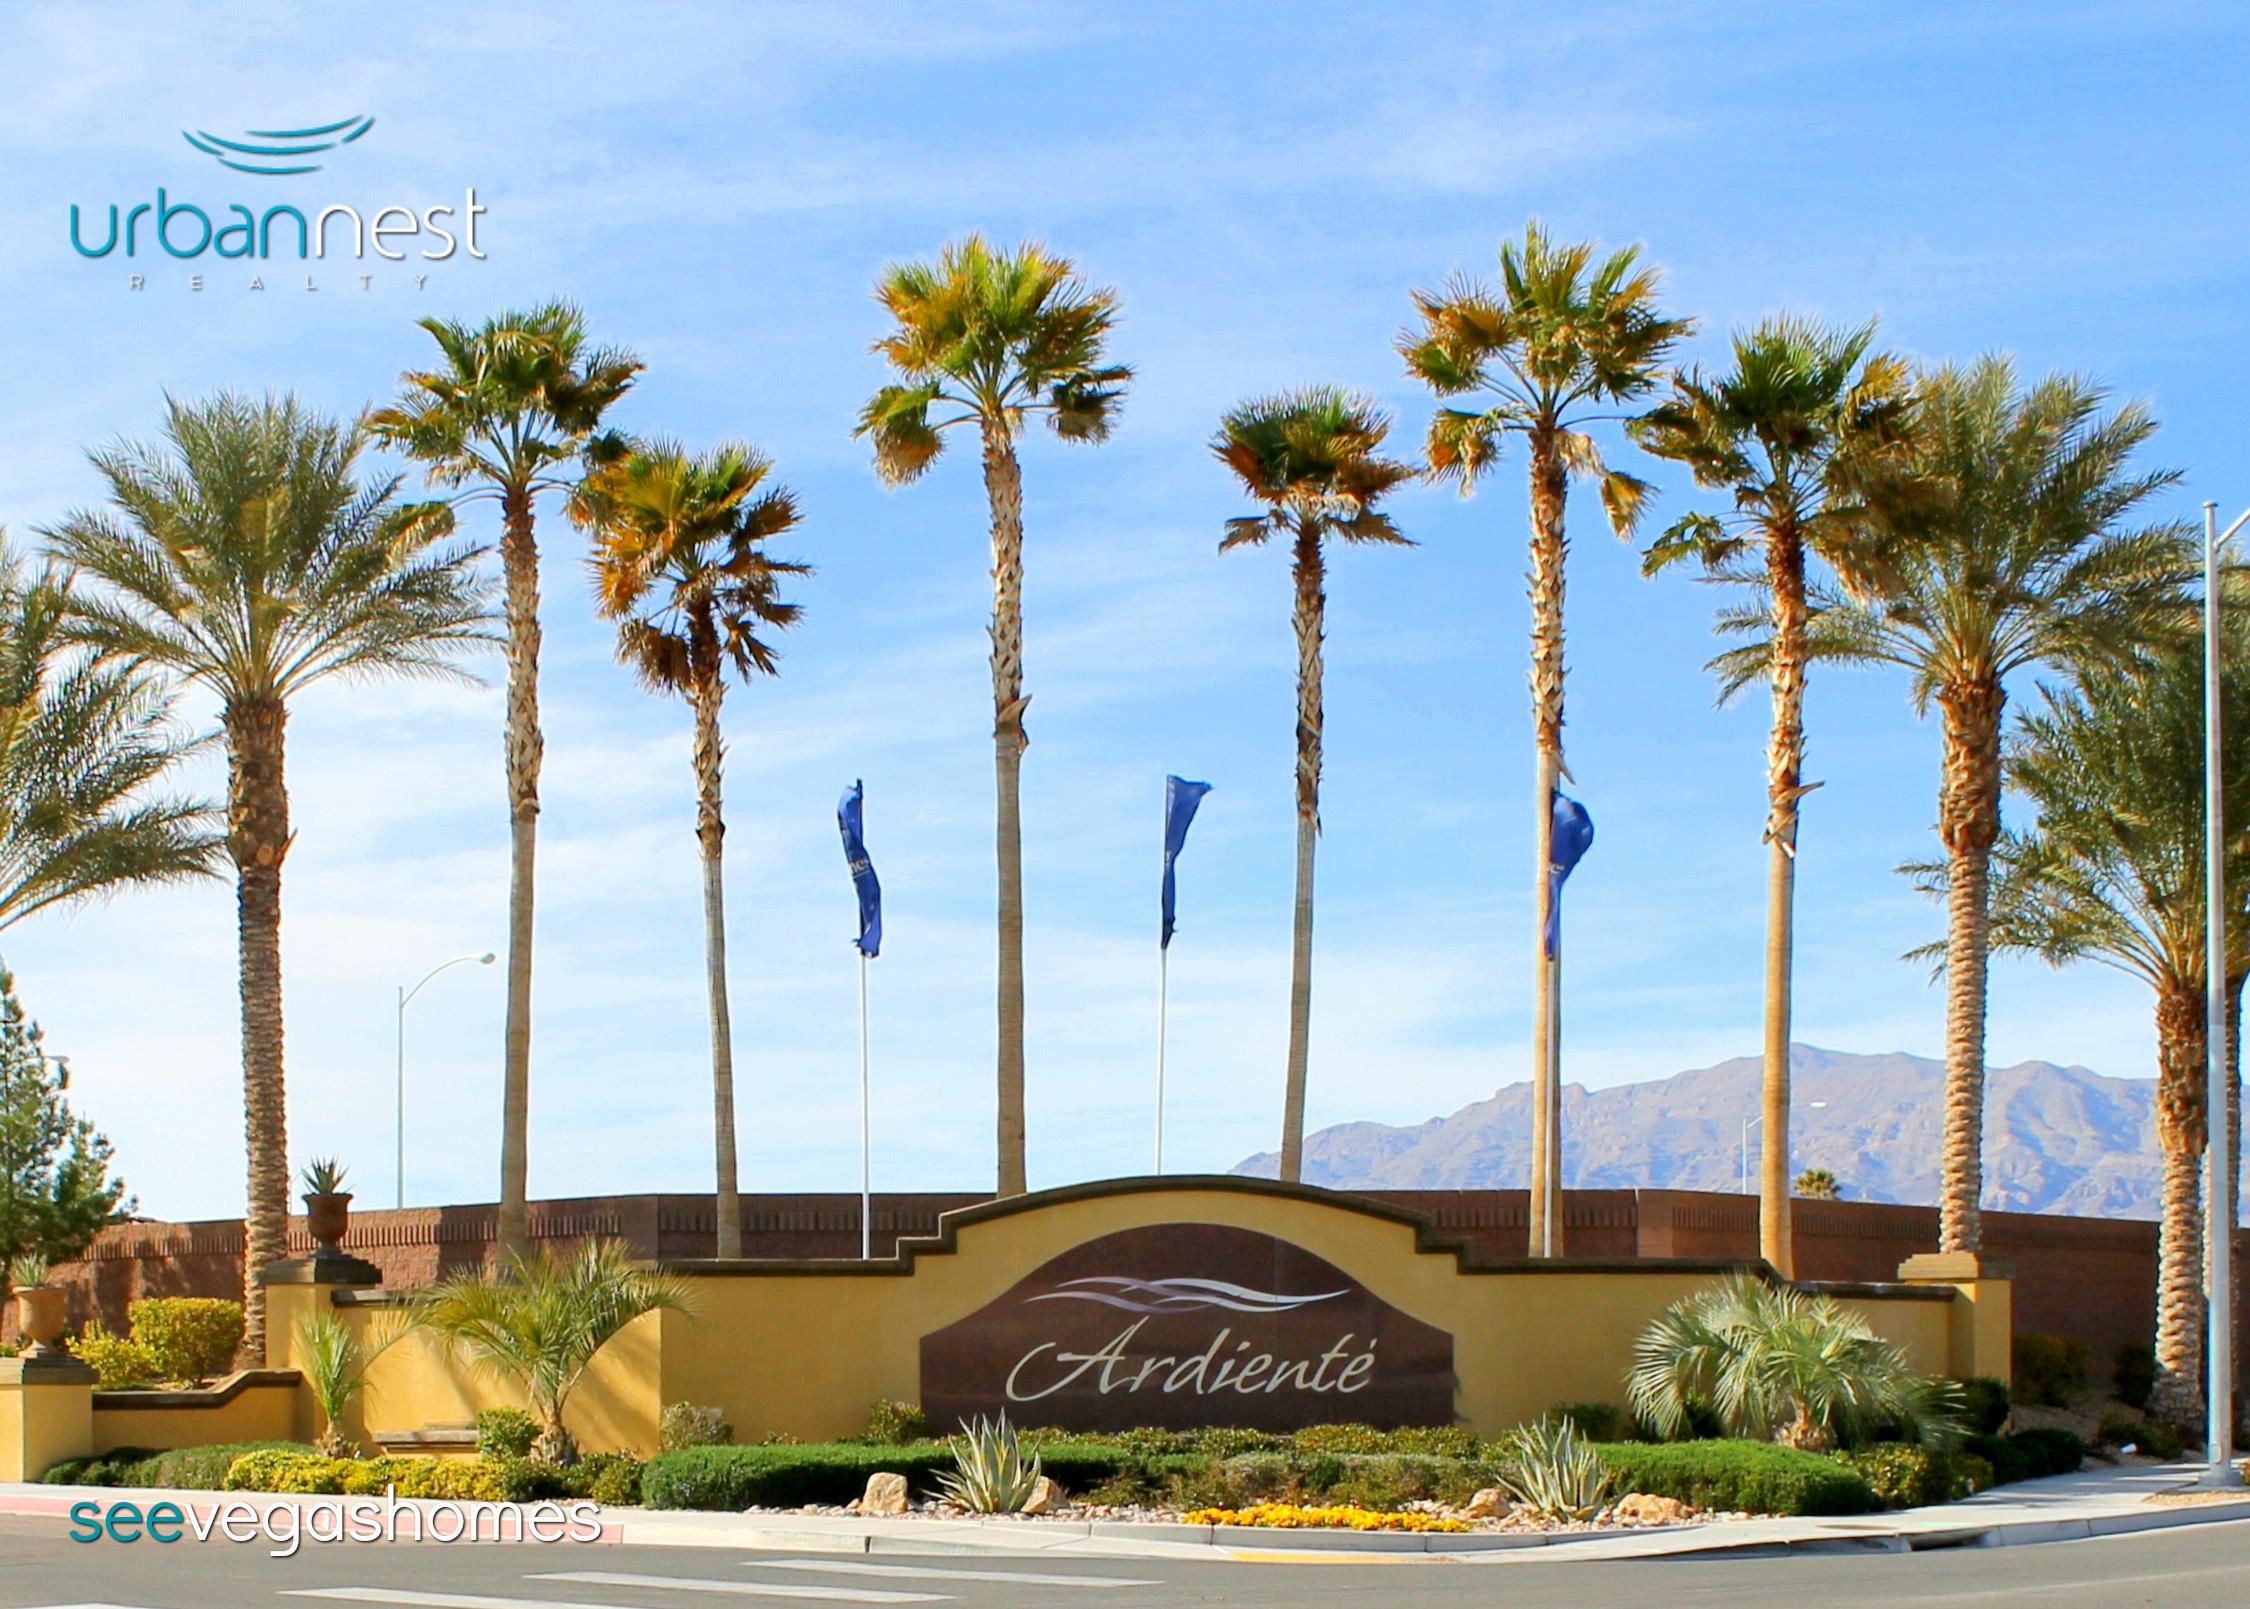 Ardiente Runvee Hobart North Las Vegas NV 89081 SeeVegasHomes